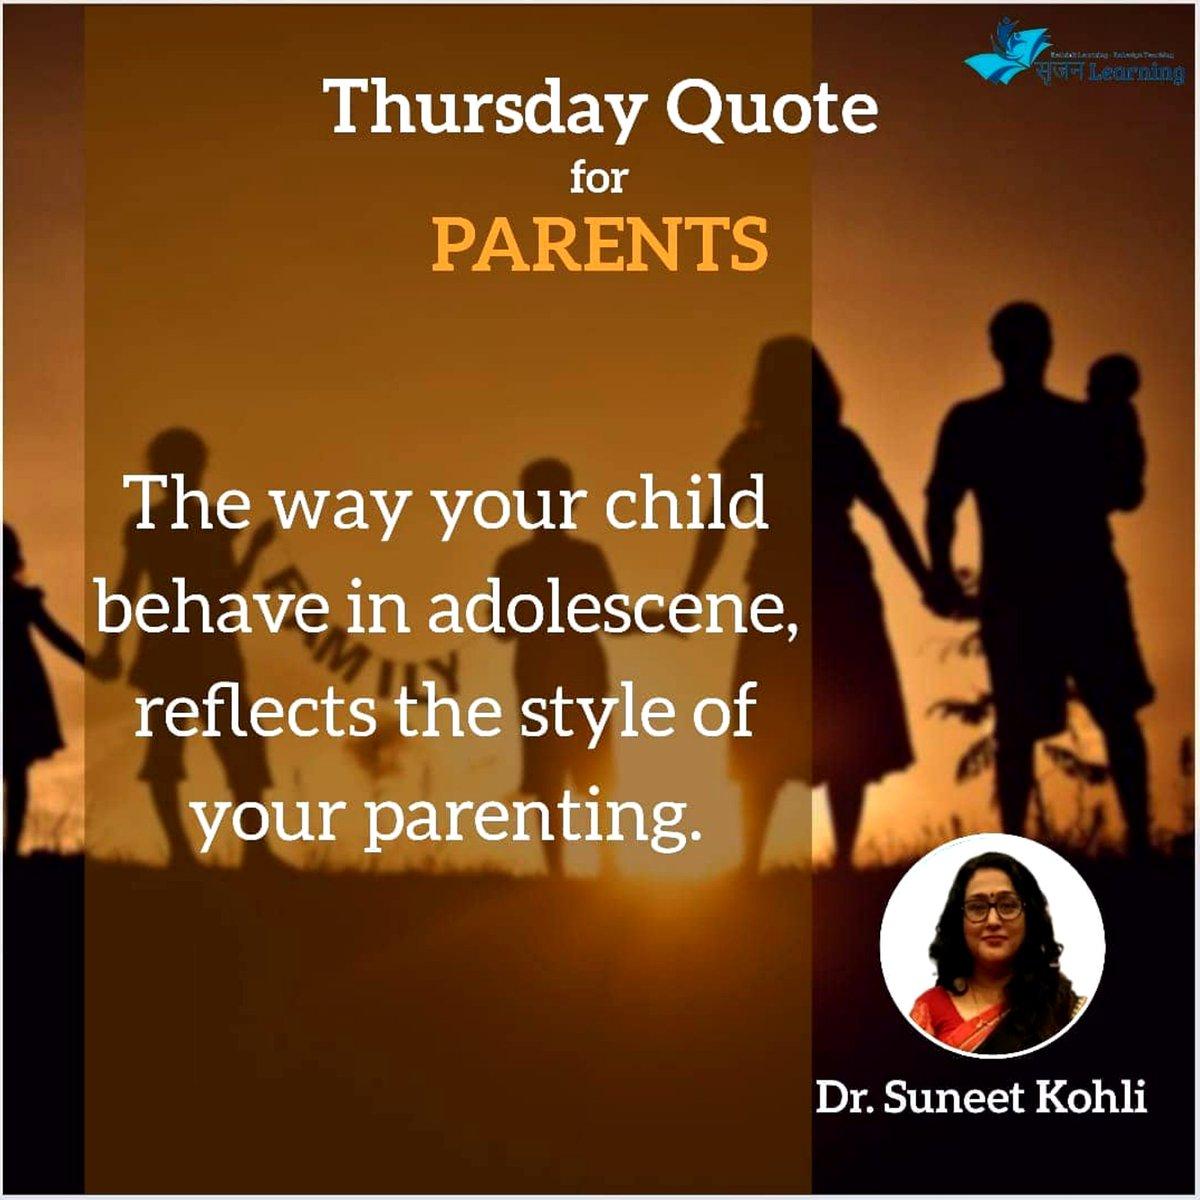 Thursday Quote For Parents:-  . . . . . #thursdaymotivation #thursdaythoughts #thursday #thursdayvibes #srijanlearning #sunitkohli #selfdependent #selfdevelopment #childdevelopment